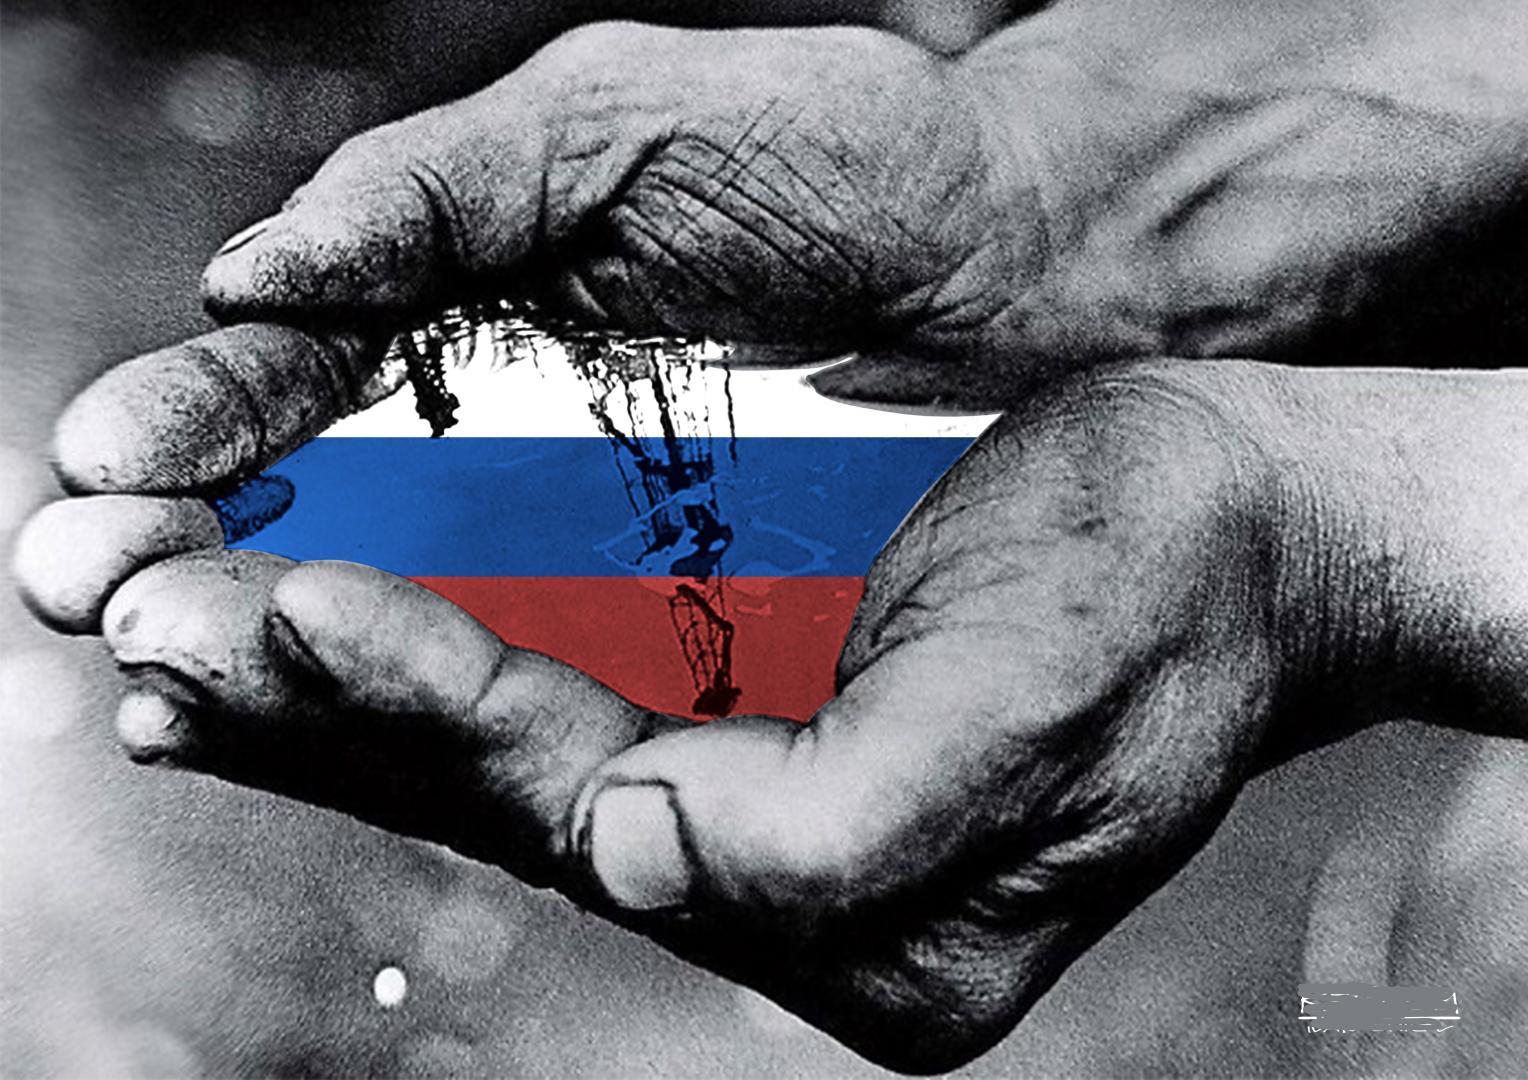 Блогер Пронько: «Что сделал Кудрин для снижения зависимости России от нефти и газа?» - Царьград